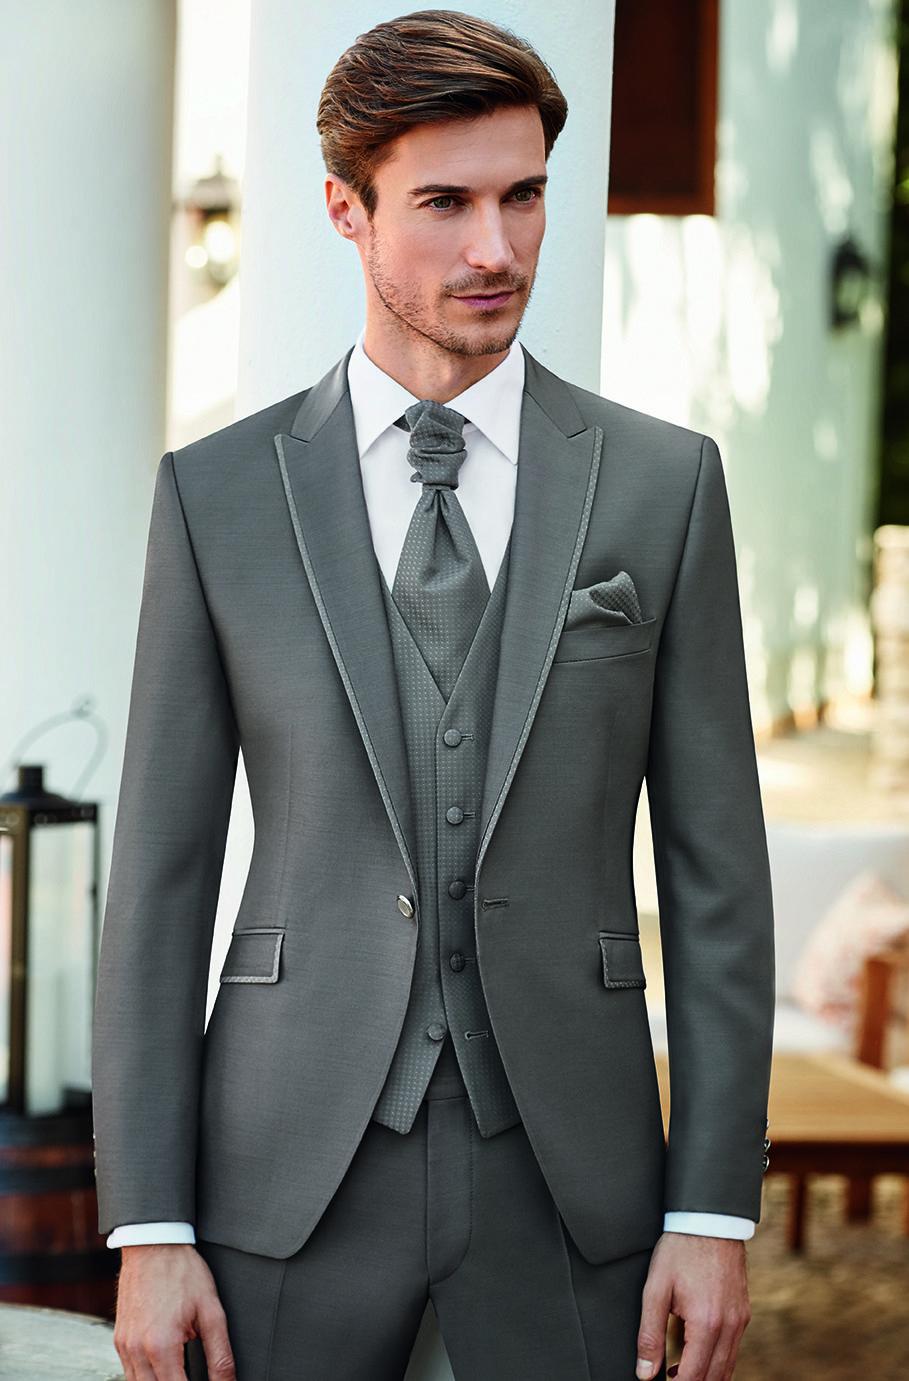 Blickfang Herren Hochzeitsmode Dekoration Von #wilvorst #hochzeit #wedding #hochzeitsmode #weddingdress #bräutigam #groom